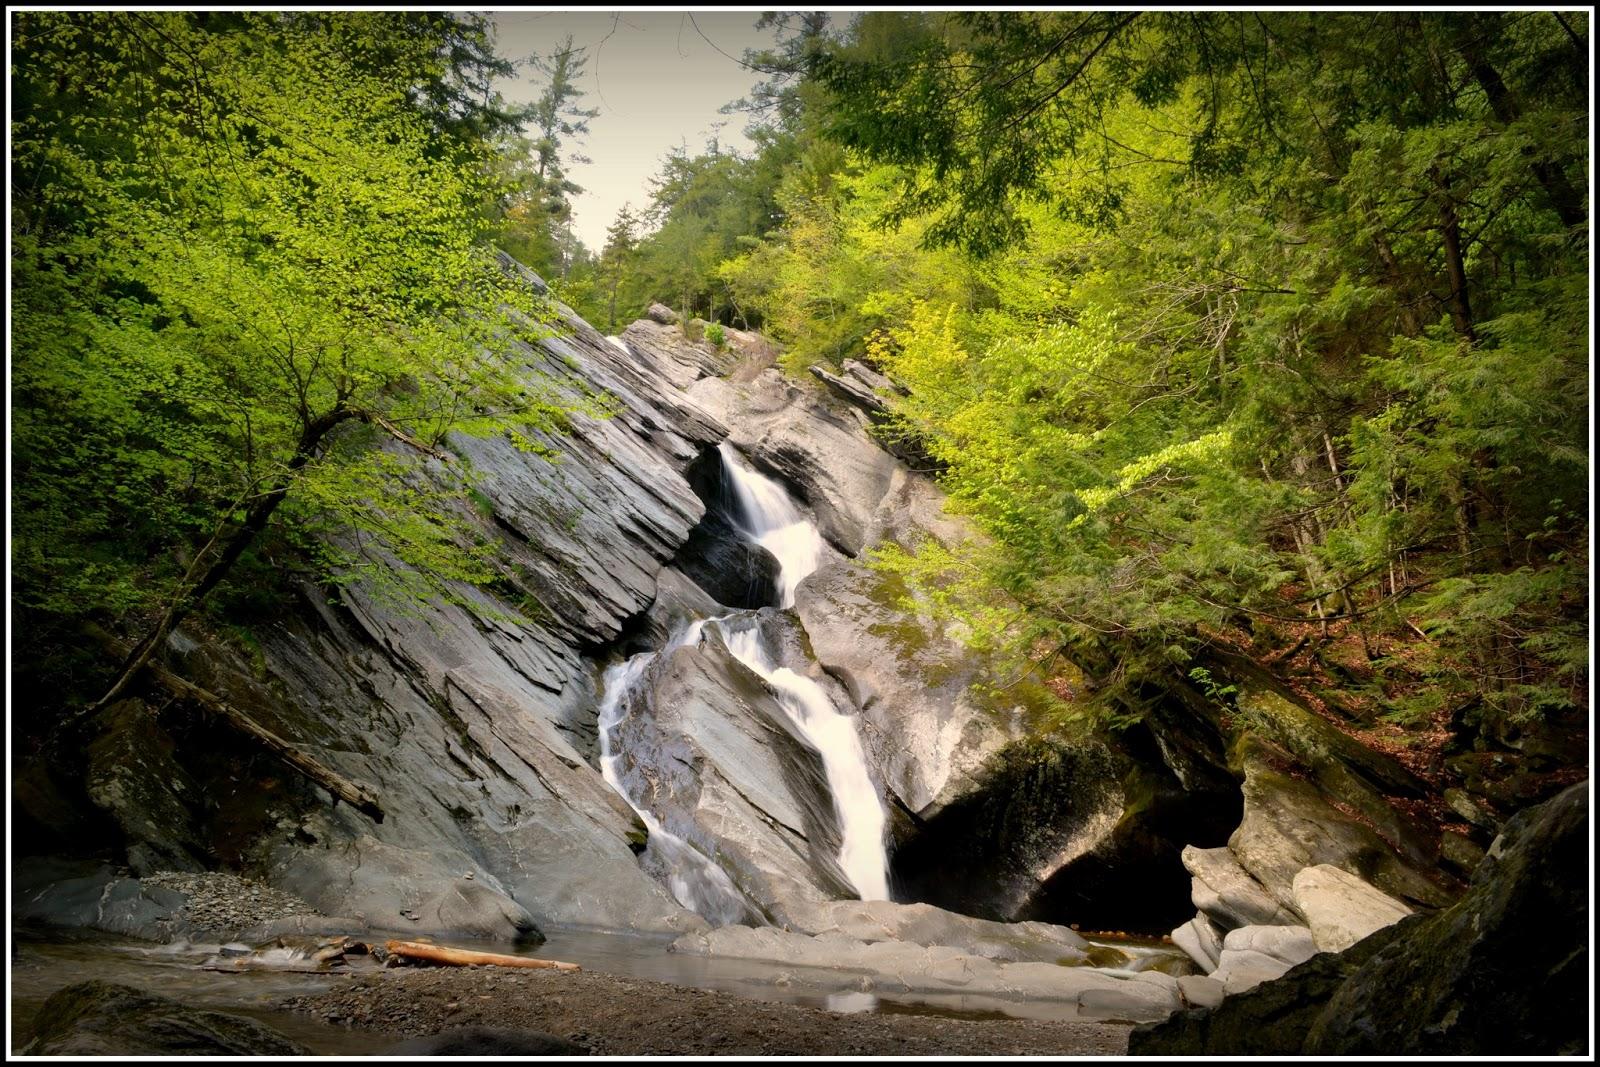 Hamilton Falls | Hamilton Falls, Vermont | adamm9 | Flickr